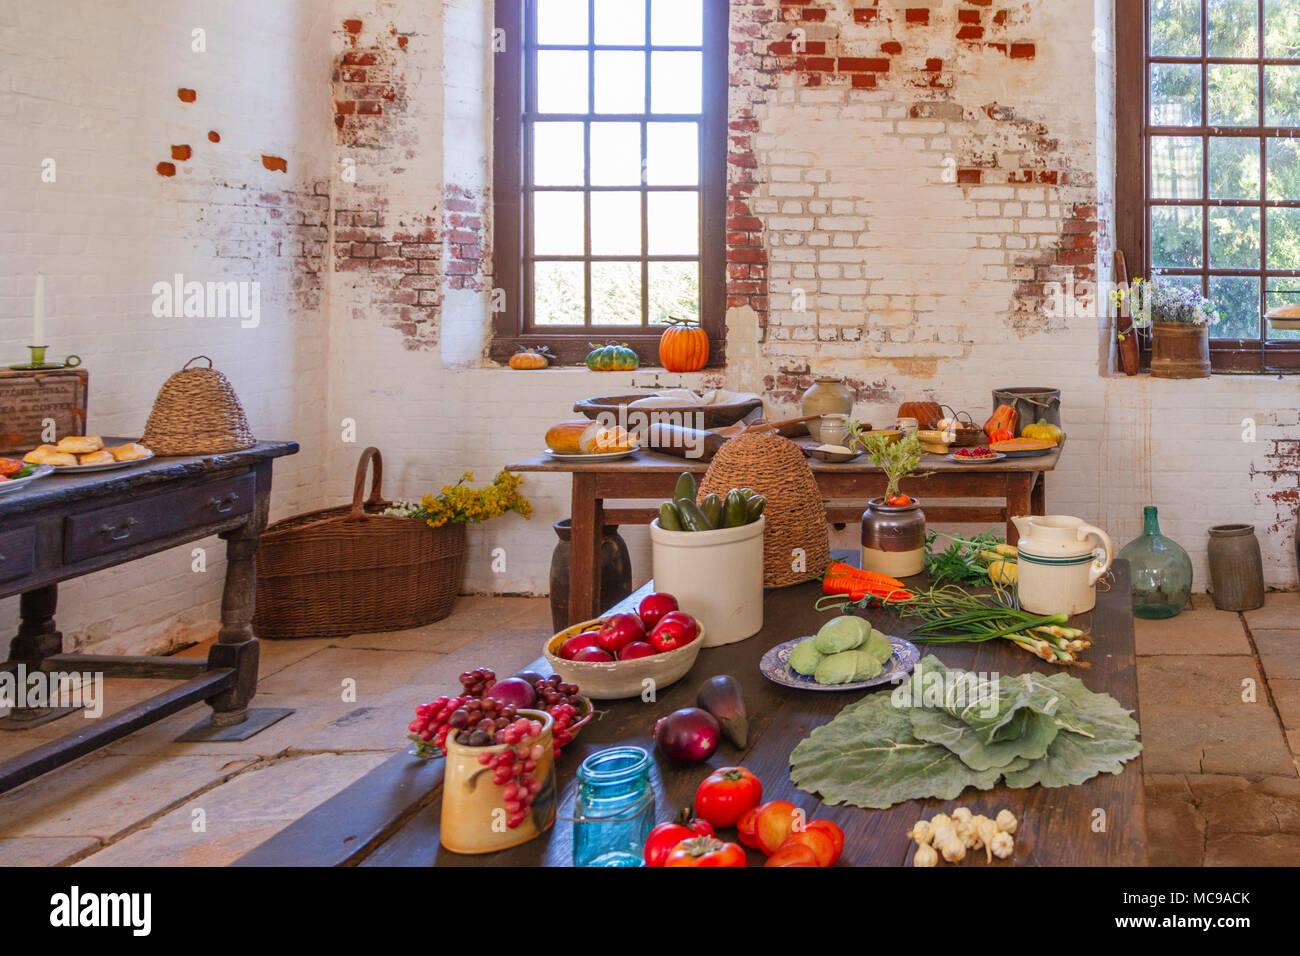 La cucina di Shirley Plantation. Storico di piantagione di Shirley bbc49f96cbb0